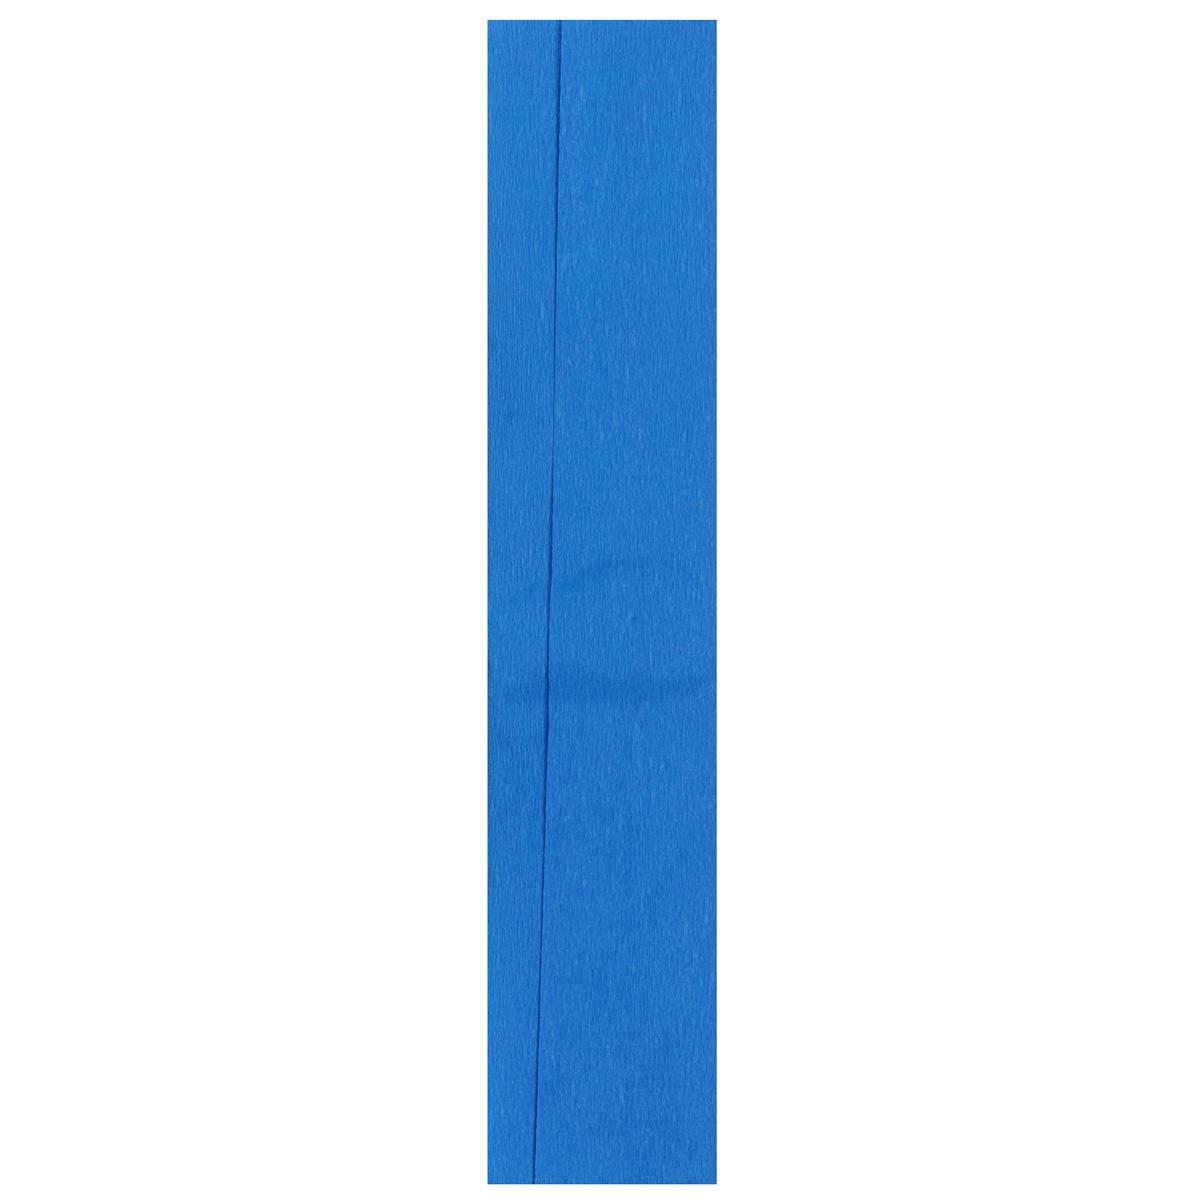 Бумага креповая Folia, цвет: синий (28), 50 см x 2,5 м55052Бумага креповая Folia - прекрасный материал для декорирования, украшения интерьера, изготовления искусственных цветов, эффектной упаковки и различных поделок. Бумага прекрасно держит форму, отлично крепится и замечательно подходит для изготовления праздничной упаковки для цветов.